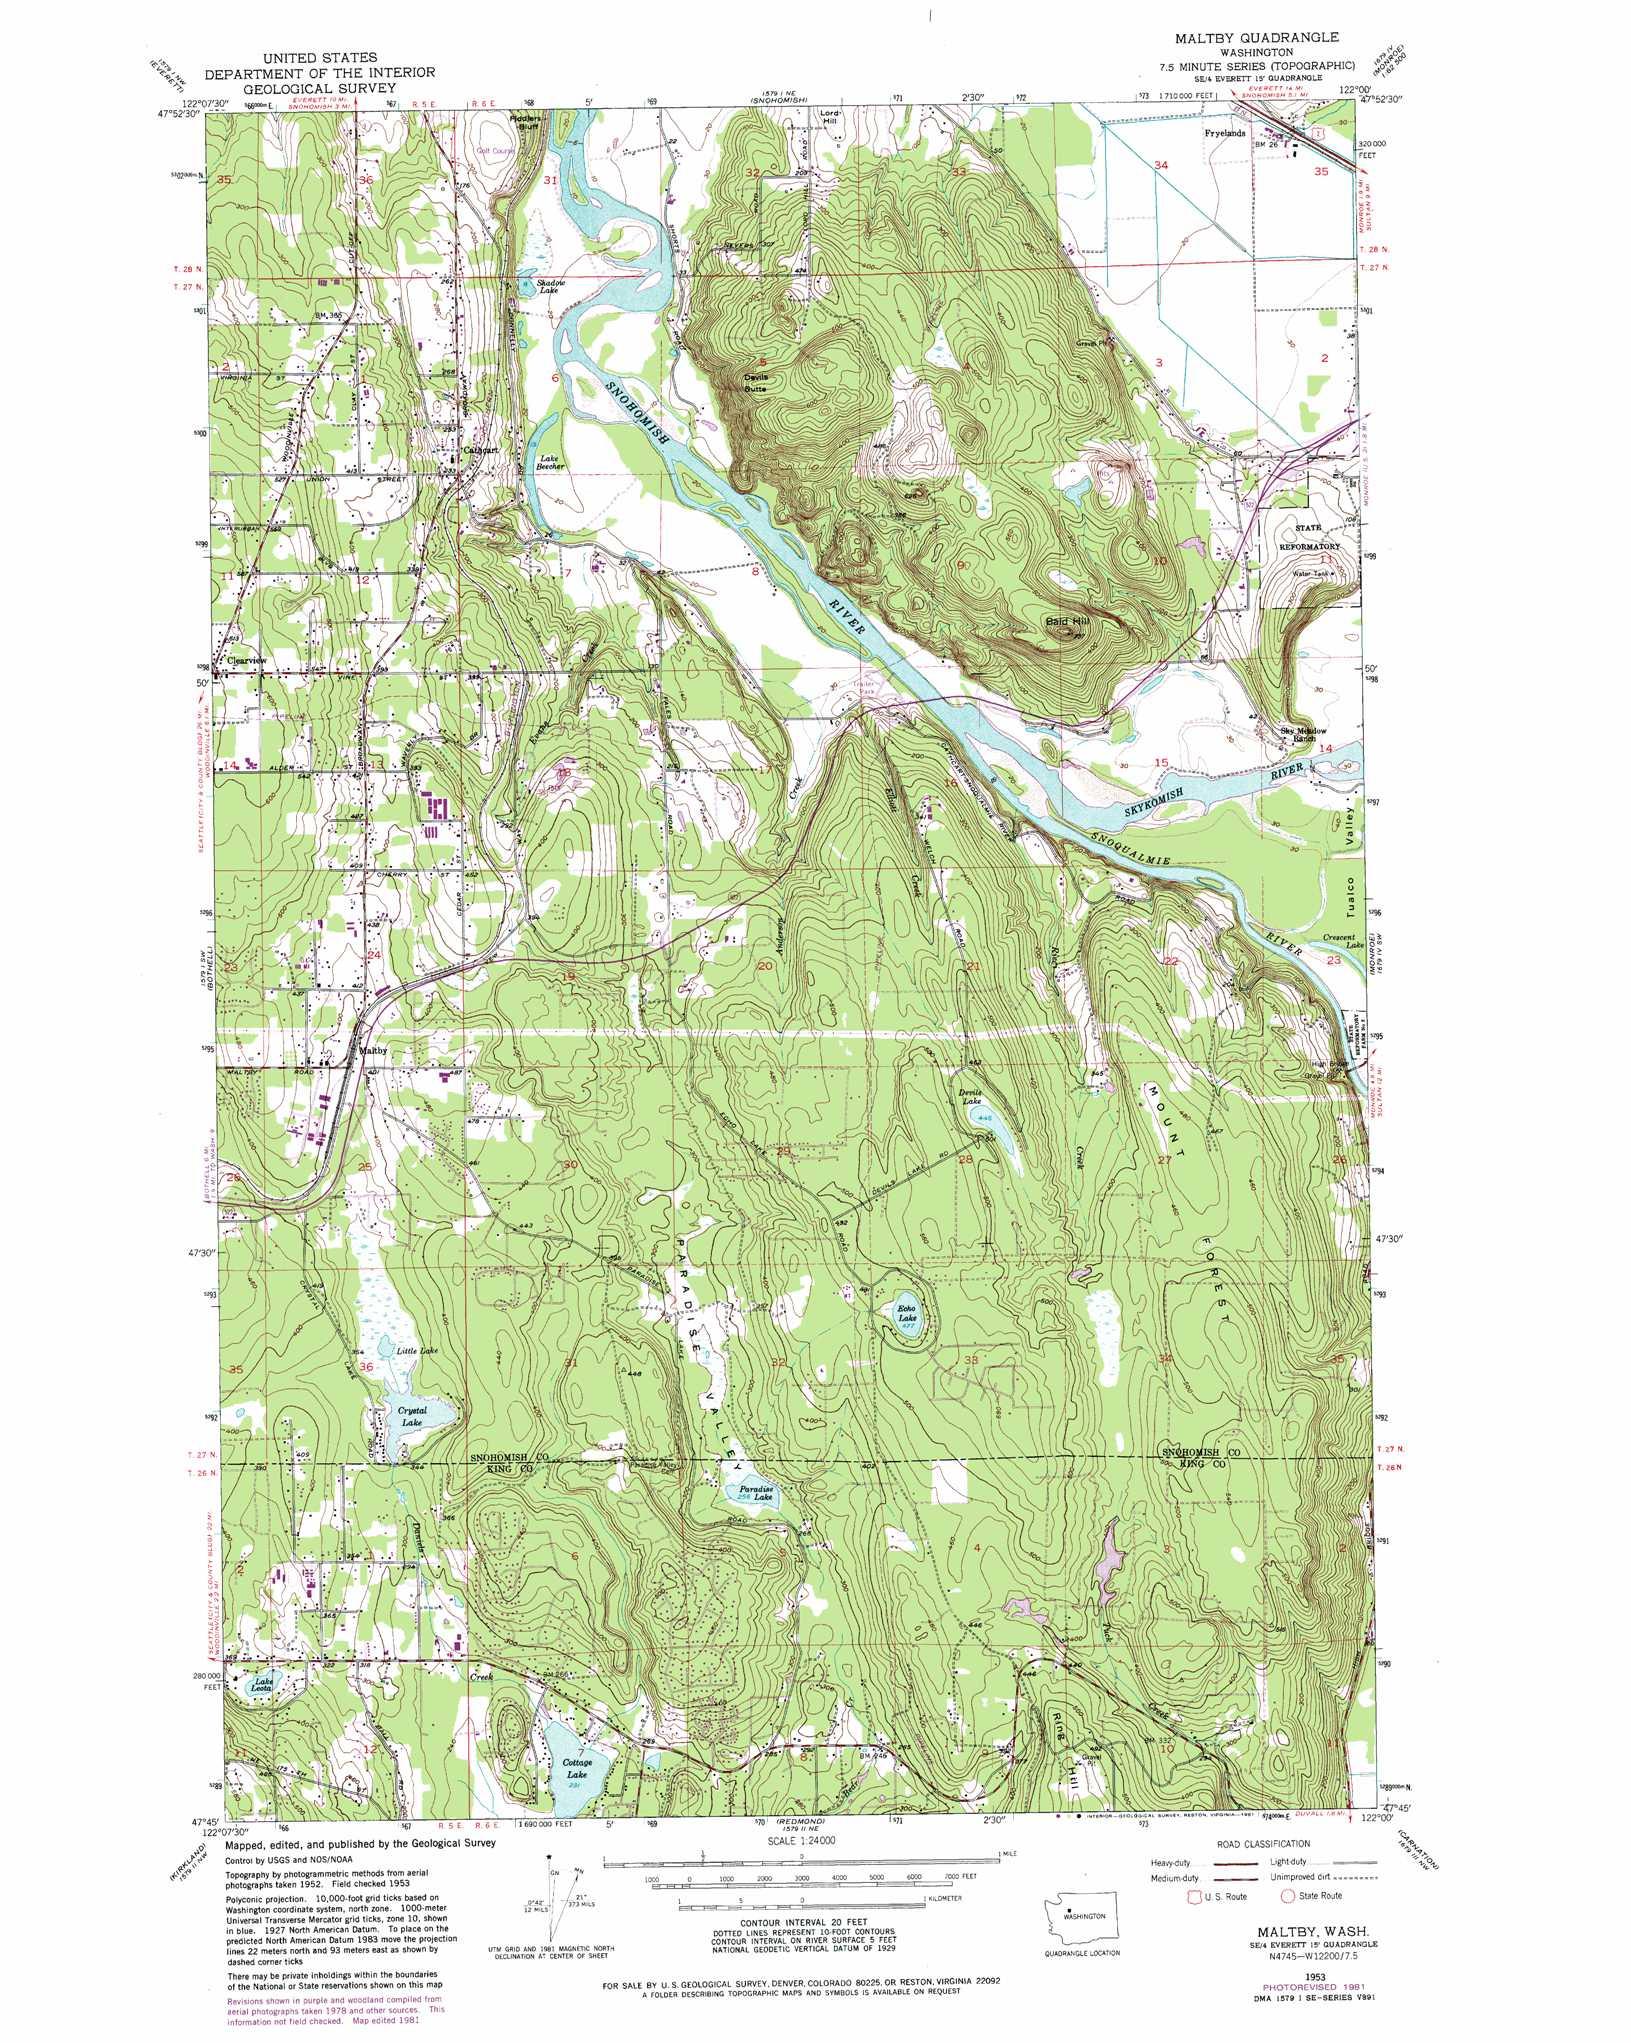 Maltby Topographic Map WA USGS Topo Quad G - Us topo maps pro